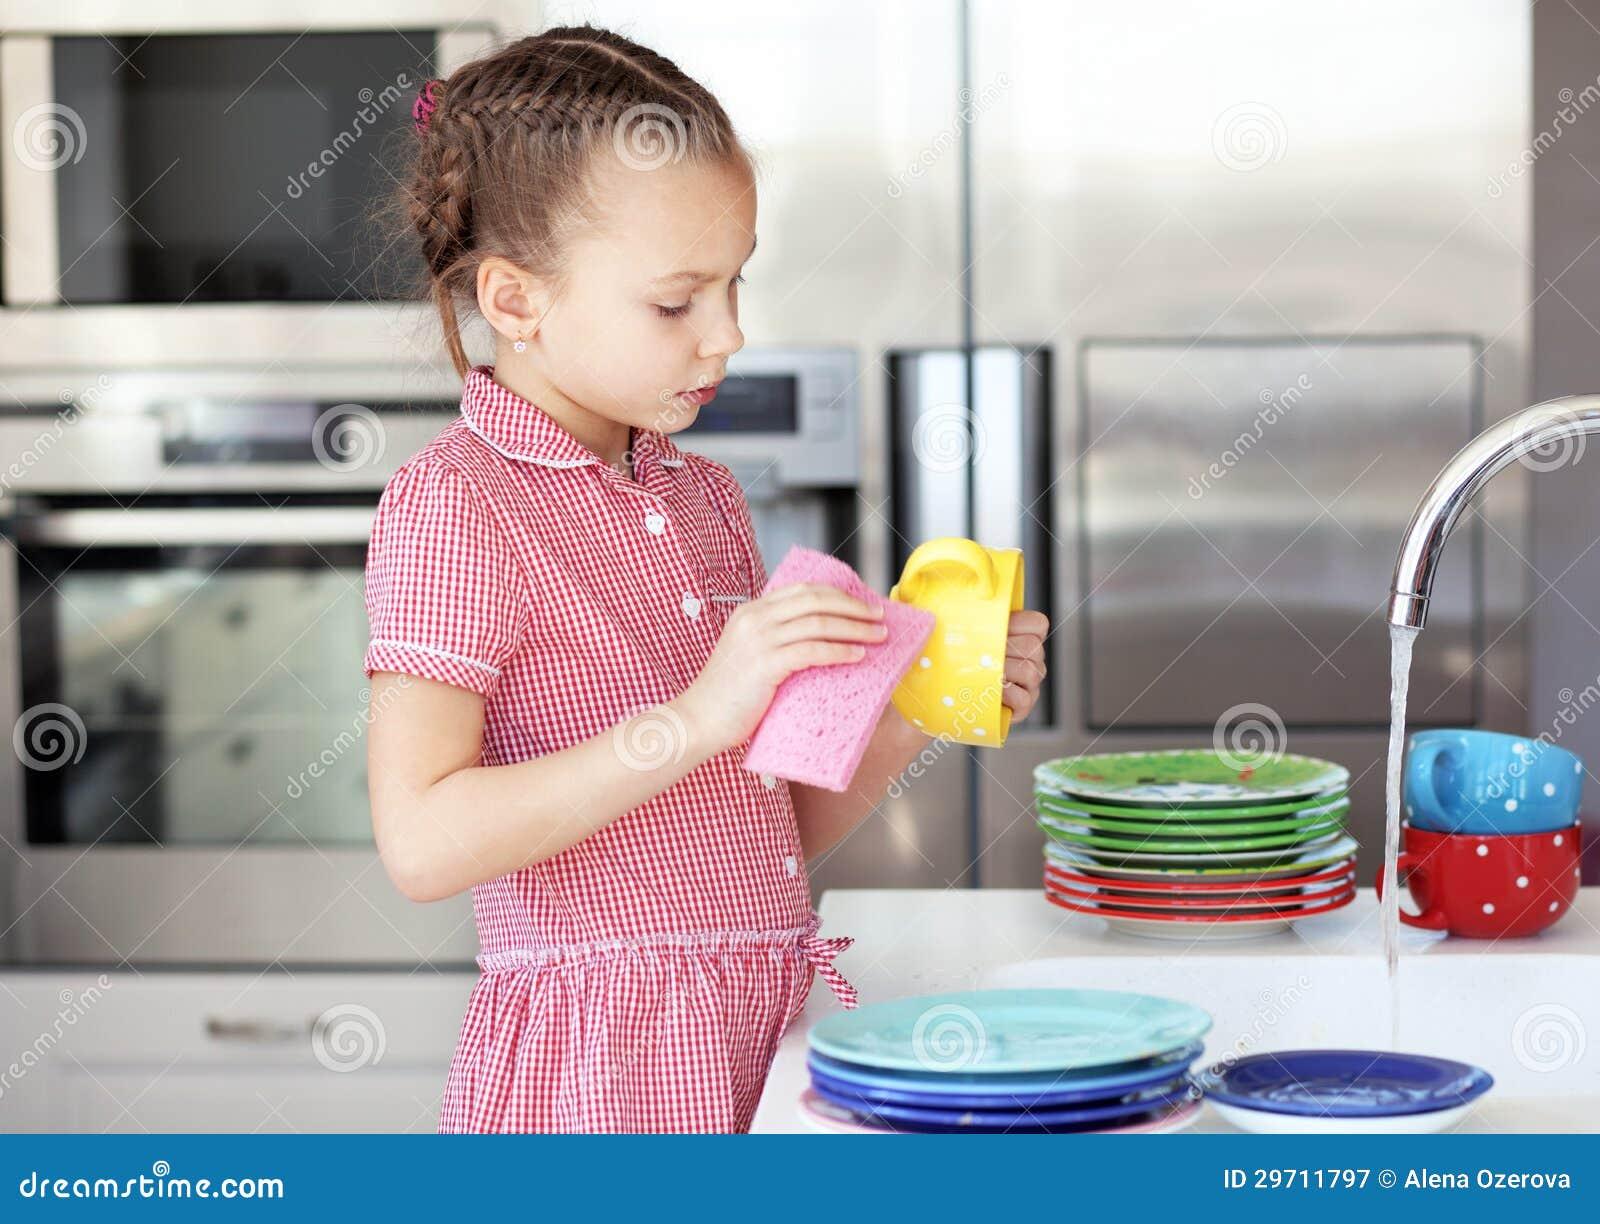 Kid Video Being Responsible